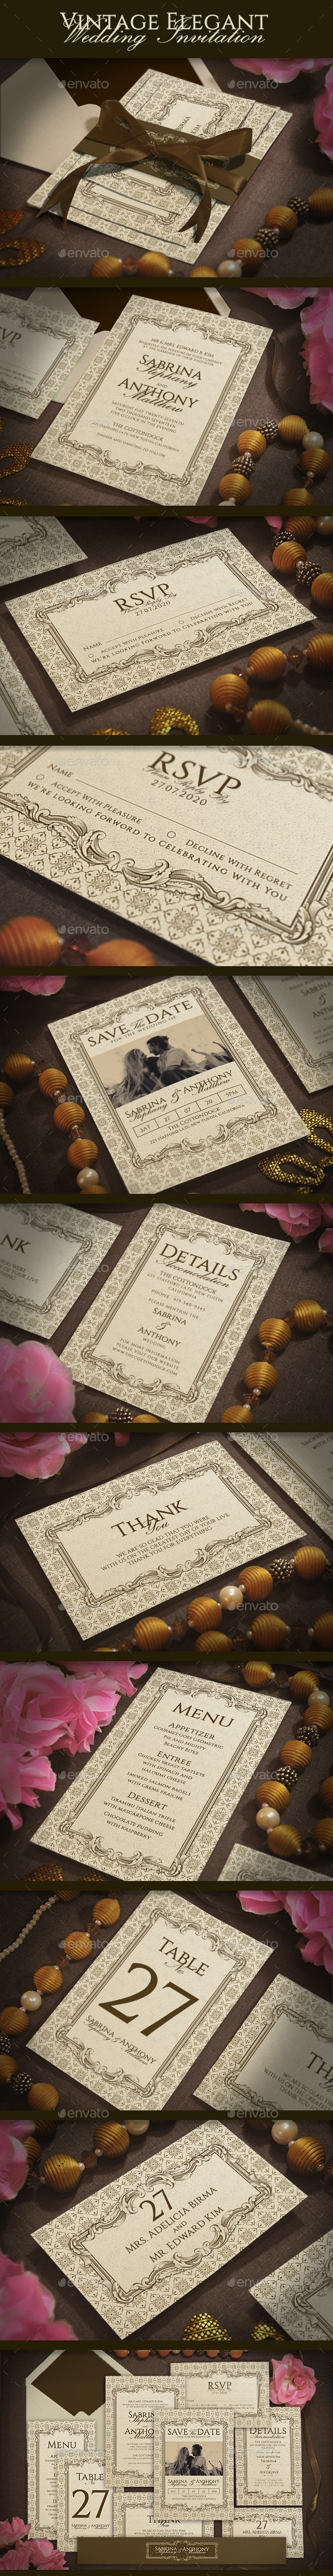 Vintage Elegant Wedding Invitation - Weddings Cards & Invites